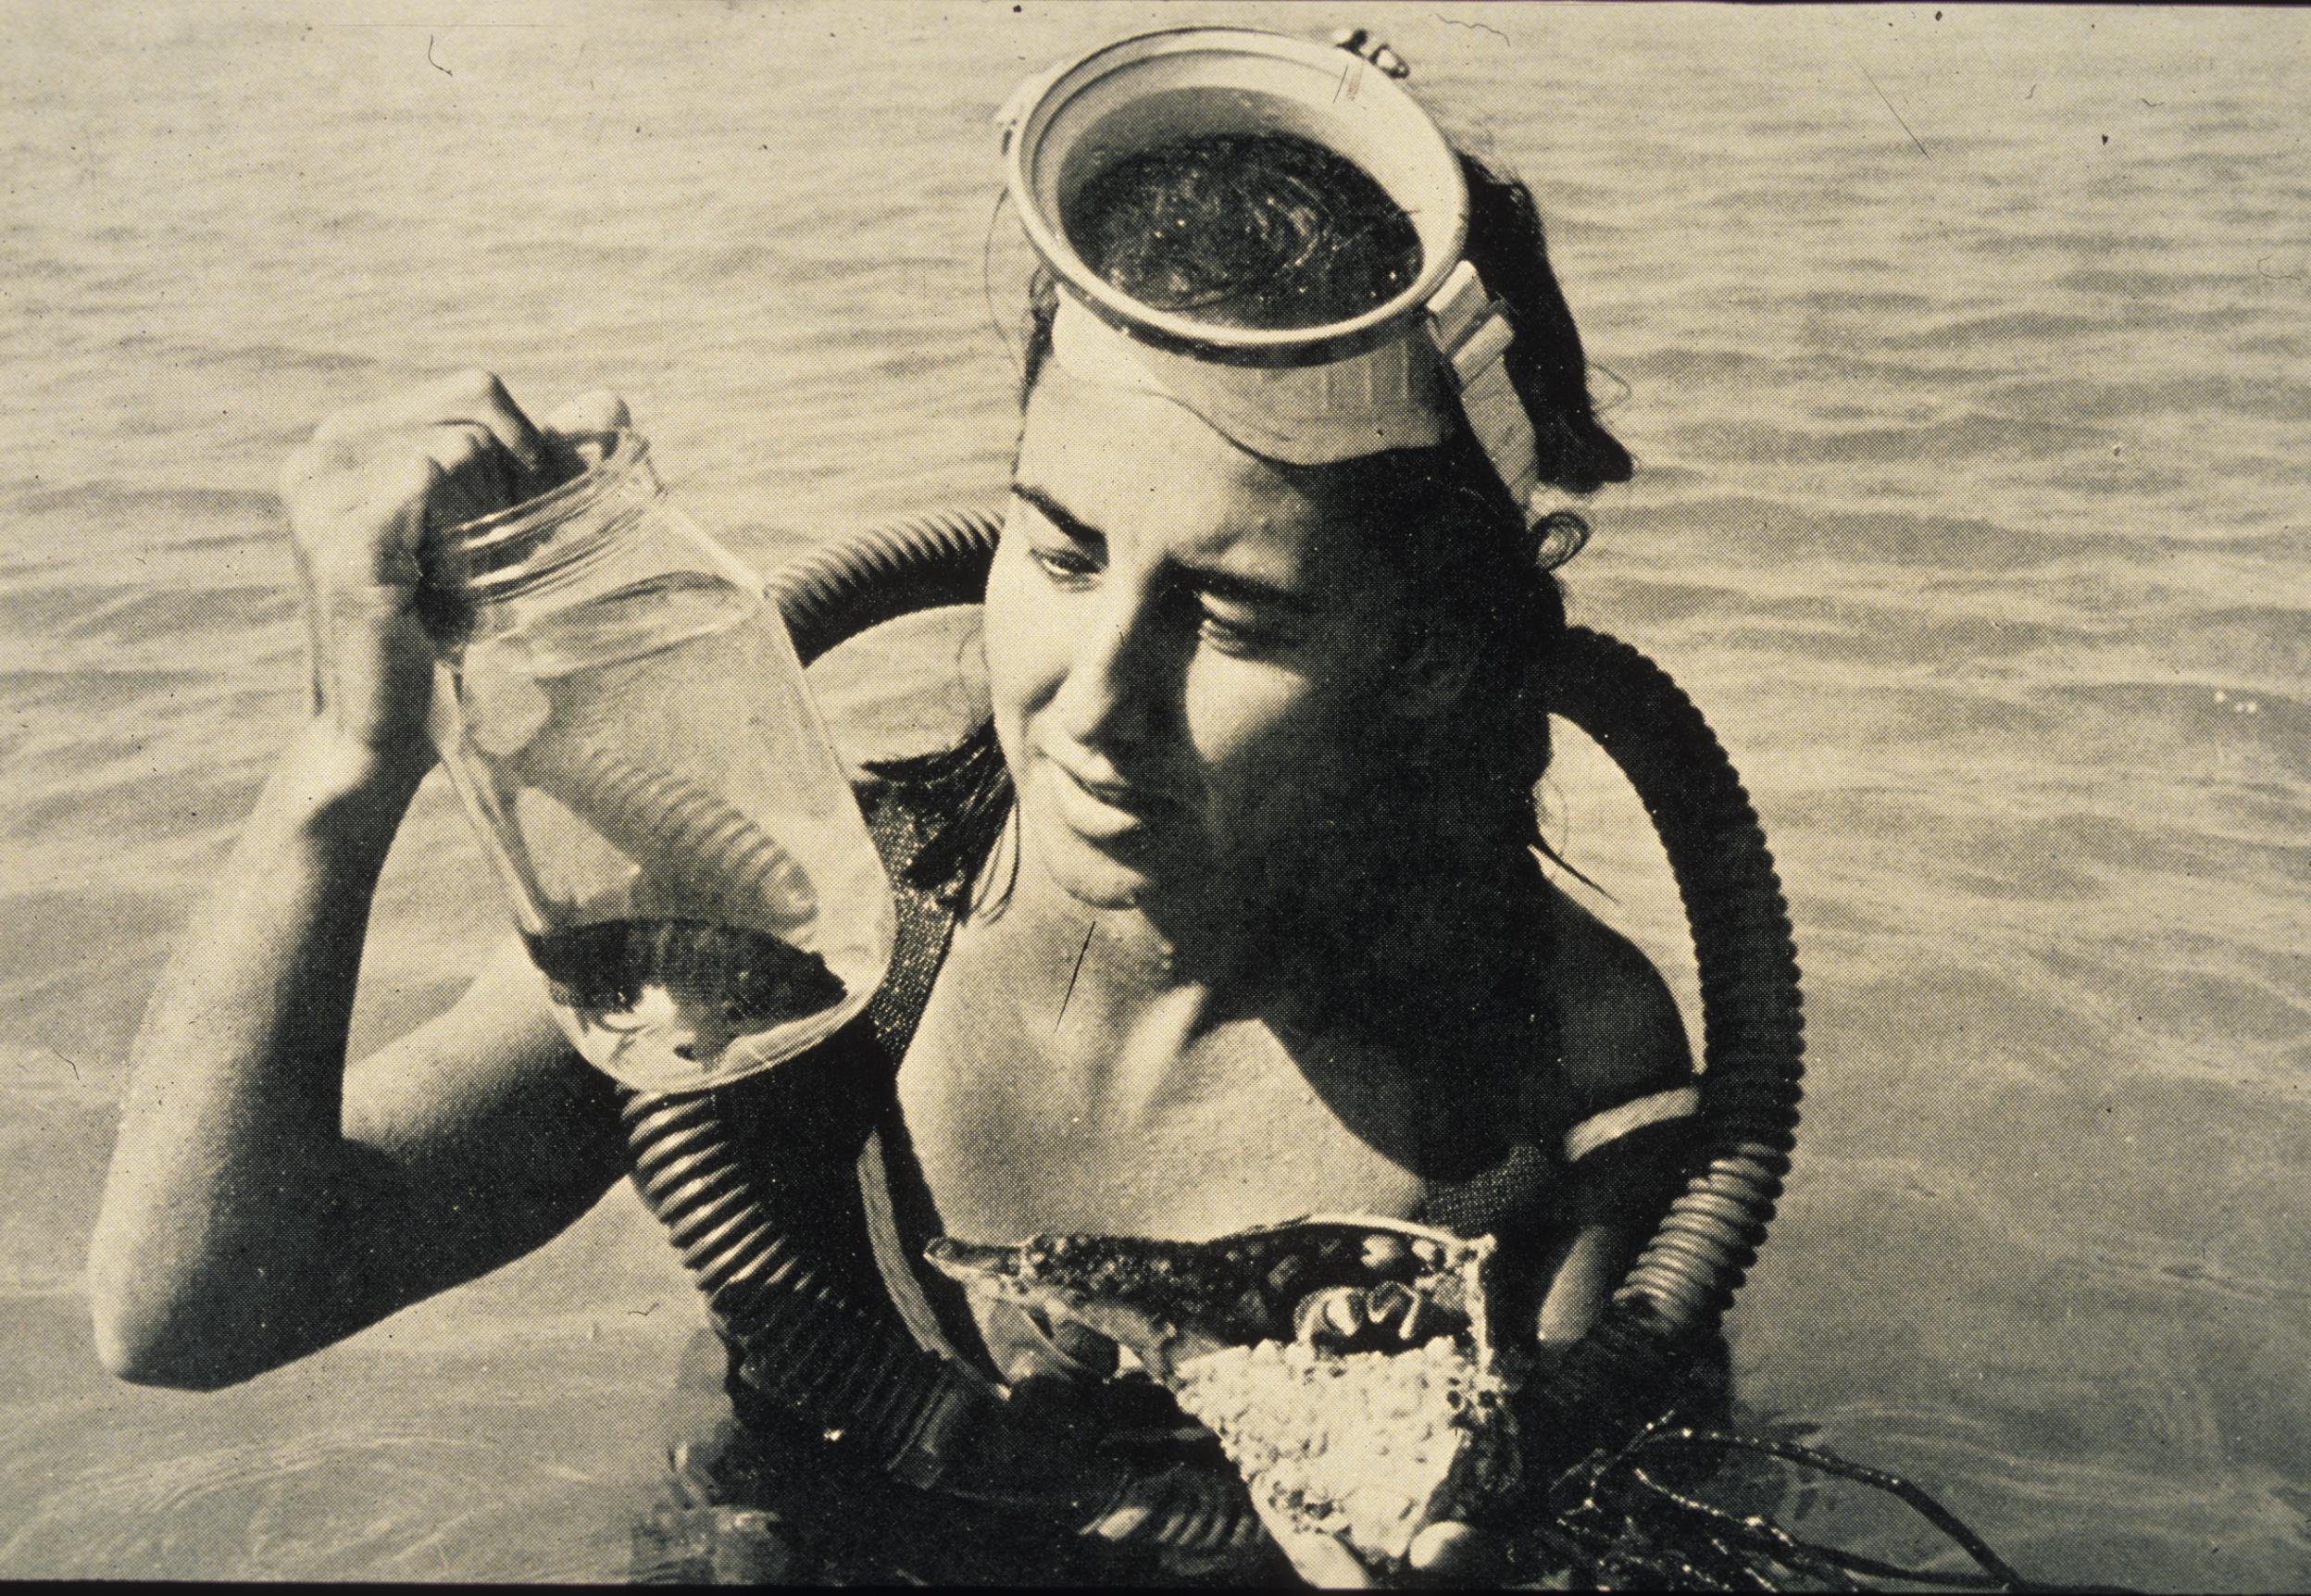 Cape Haze 1959